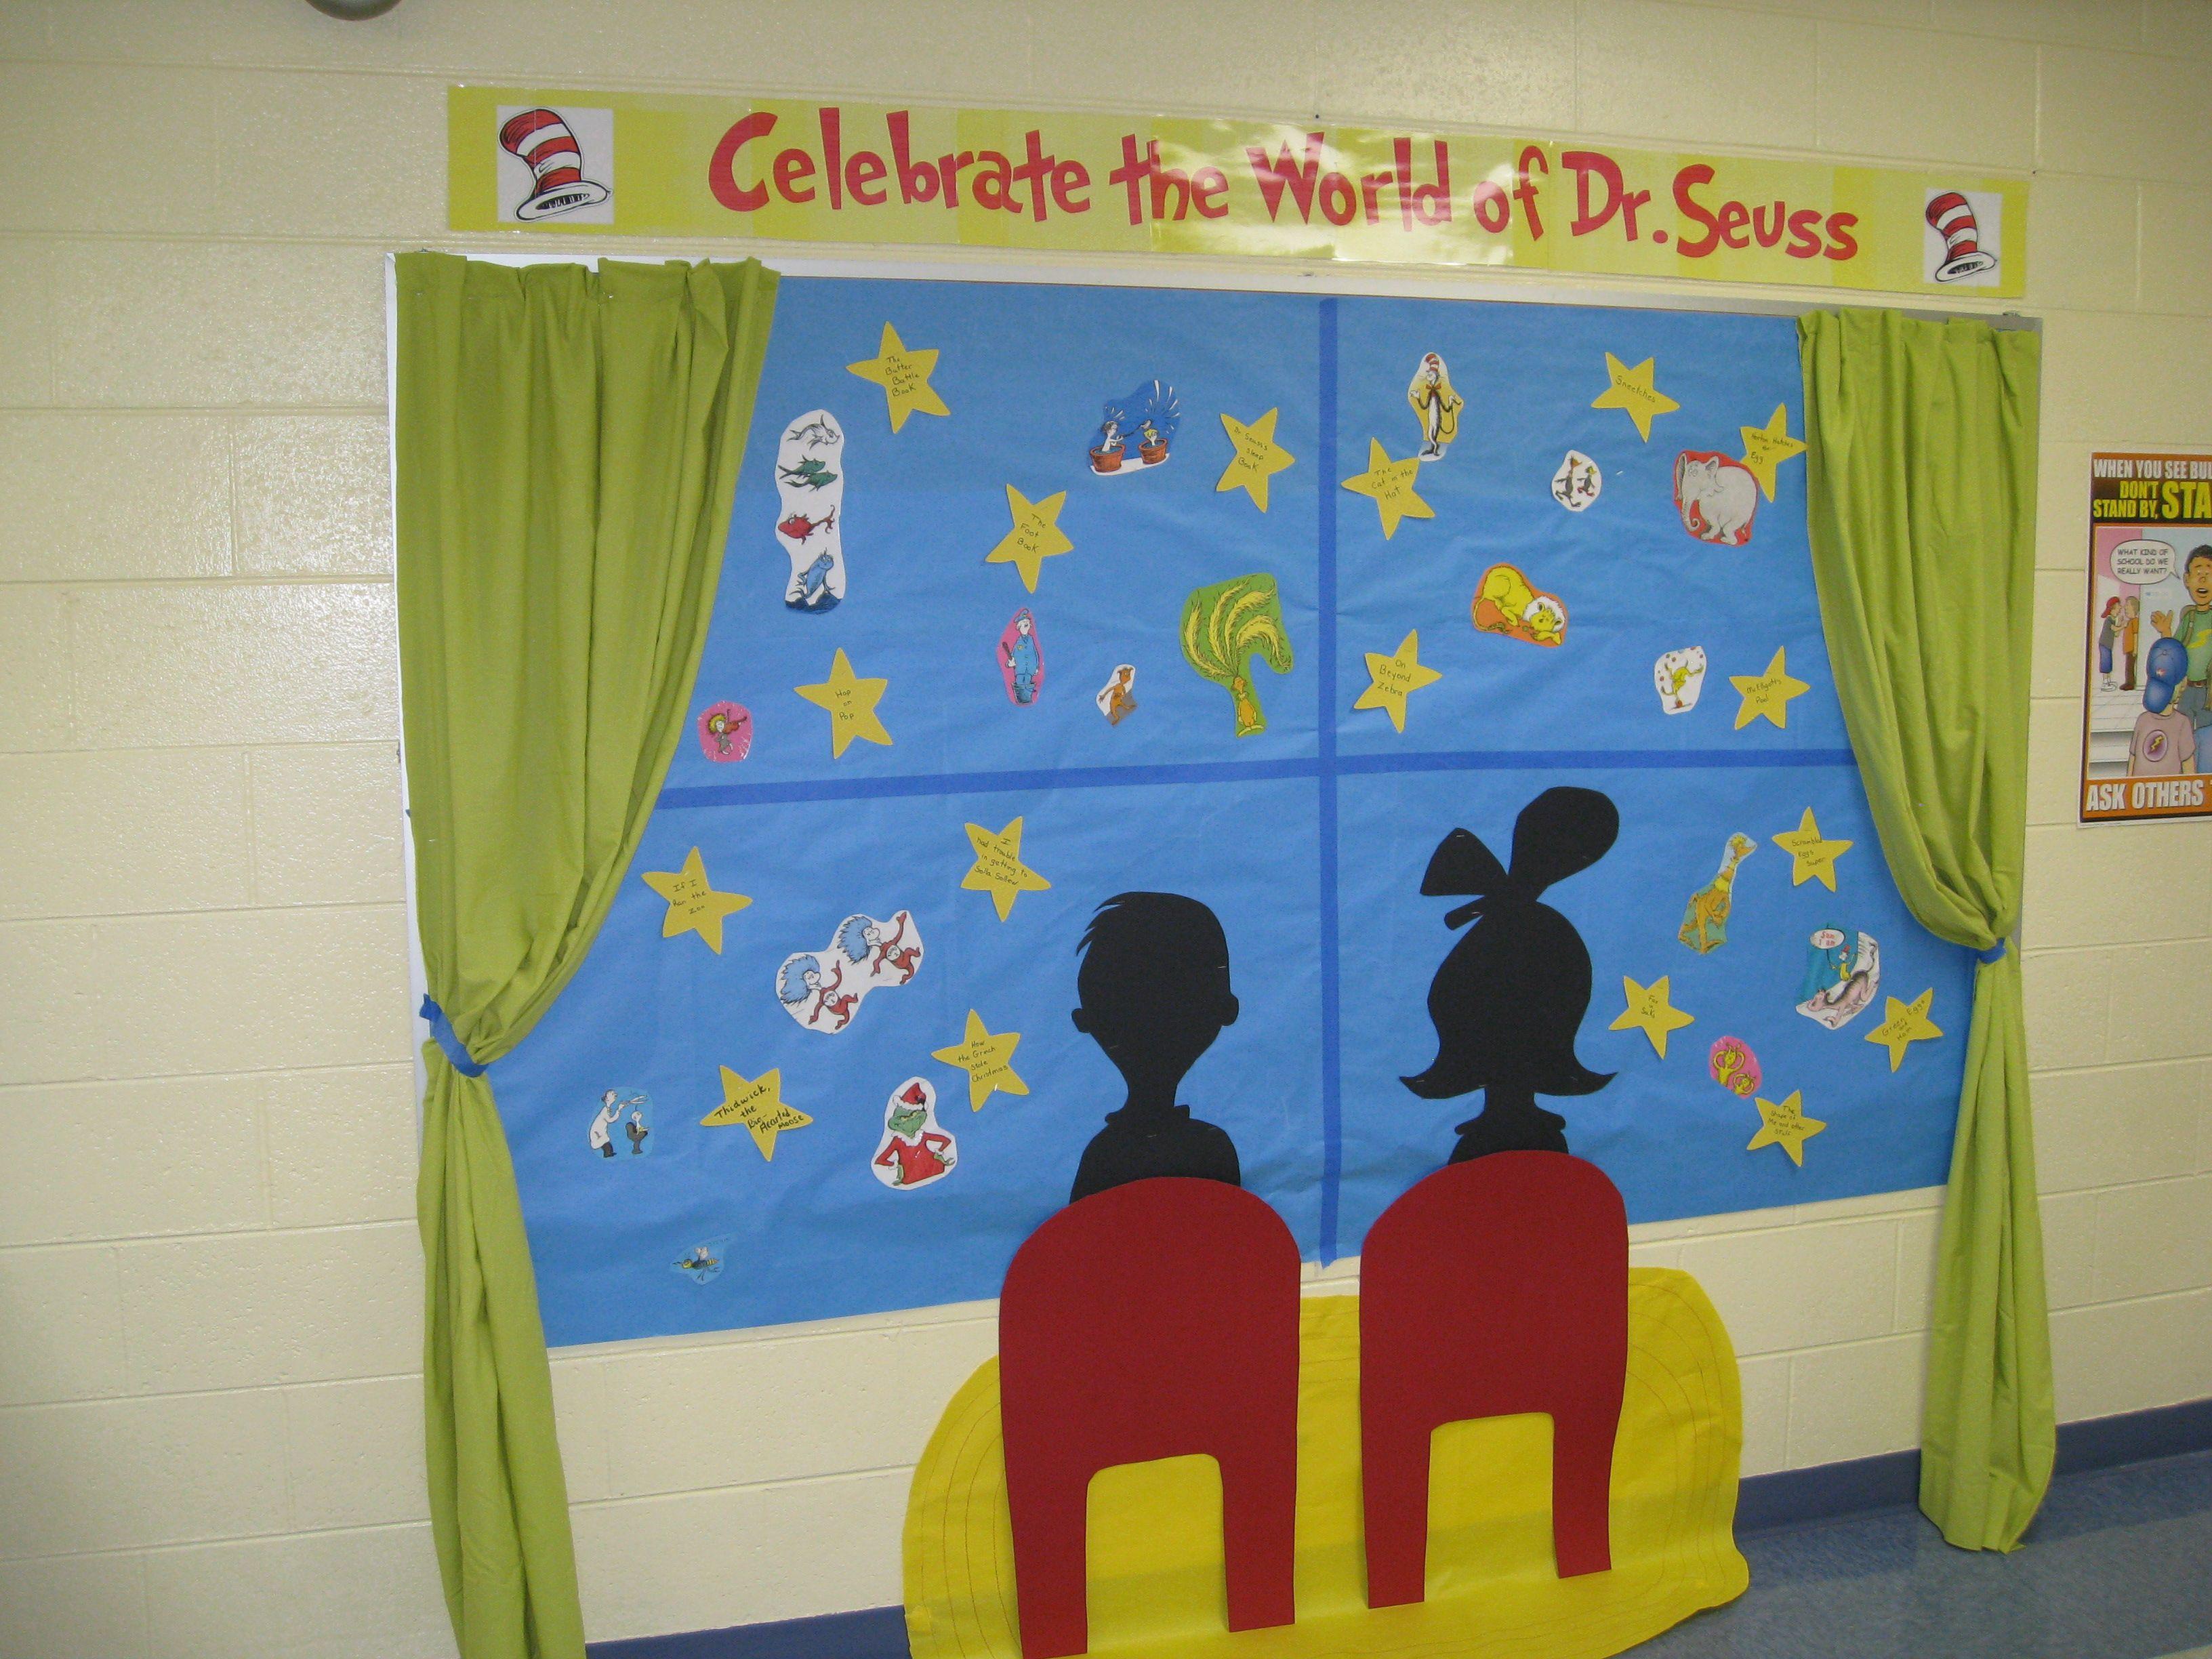 My seuss bulletin board education ideas pinterest for Cork board decorating ideas pinterest